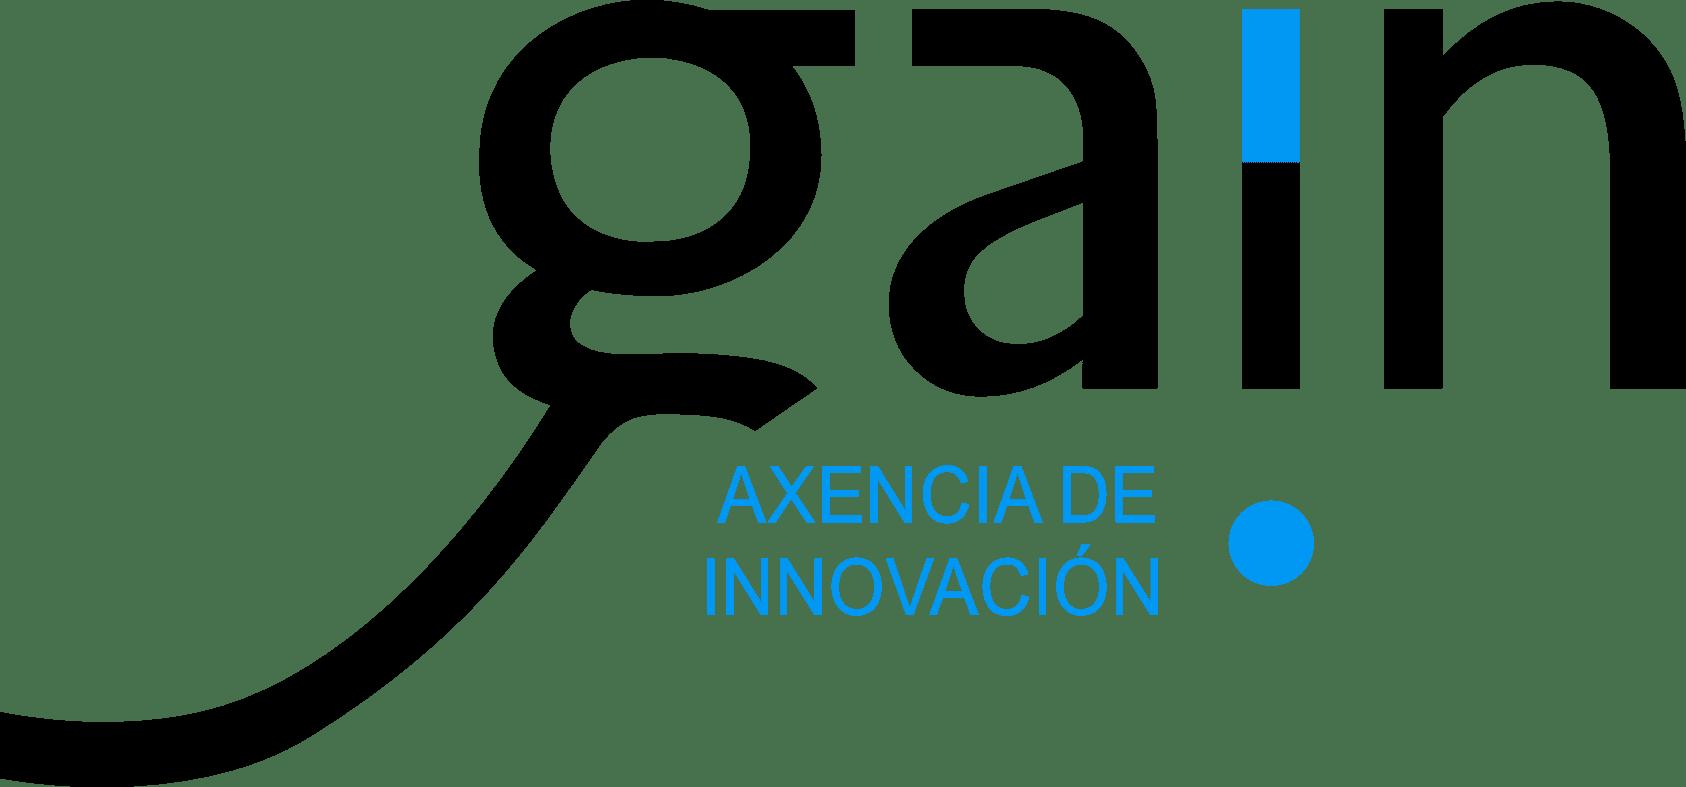 Axencia de Innovación